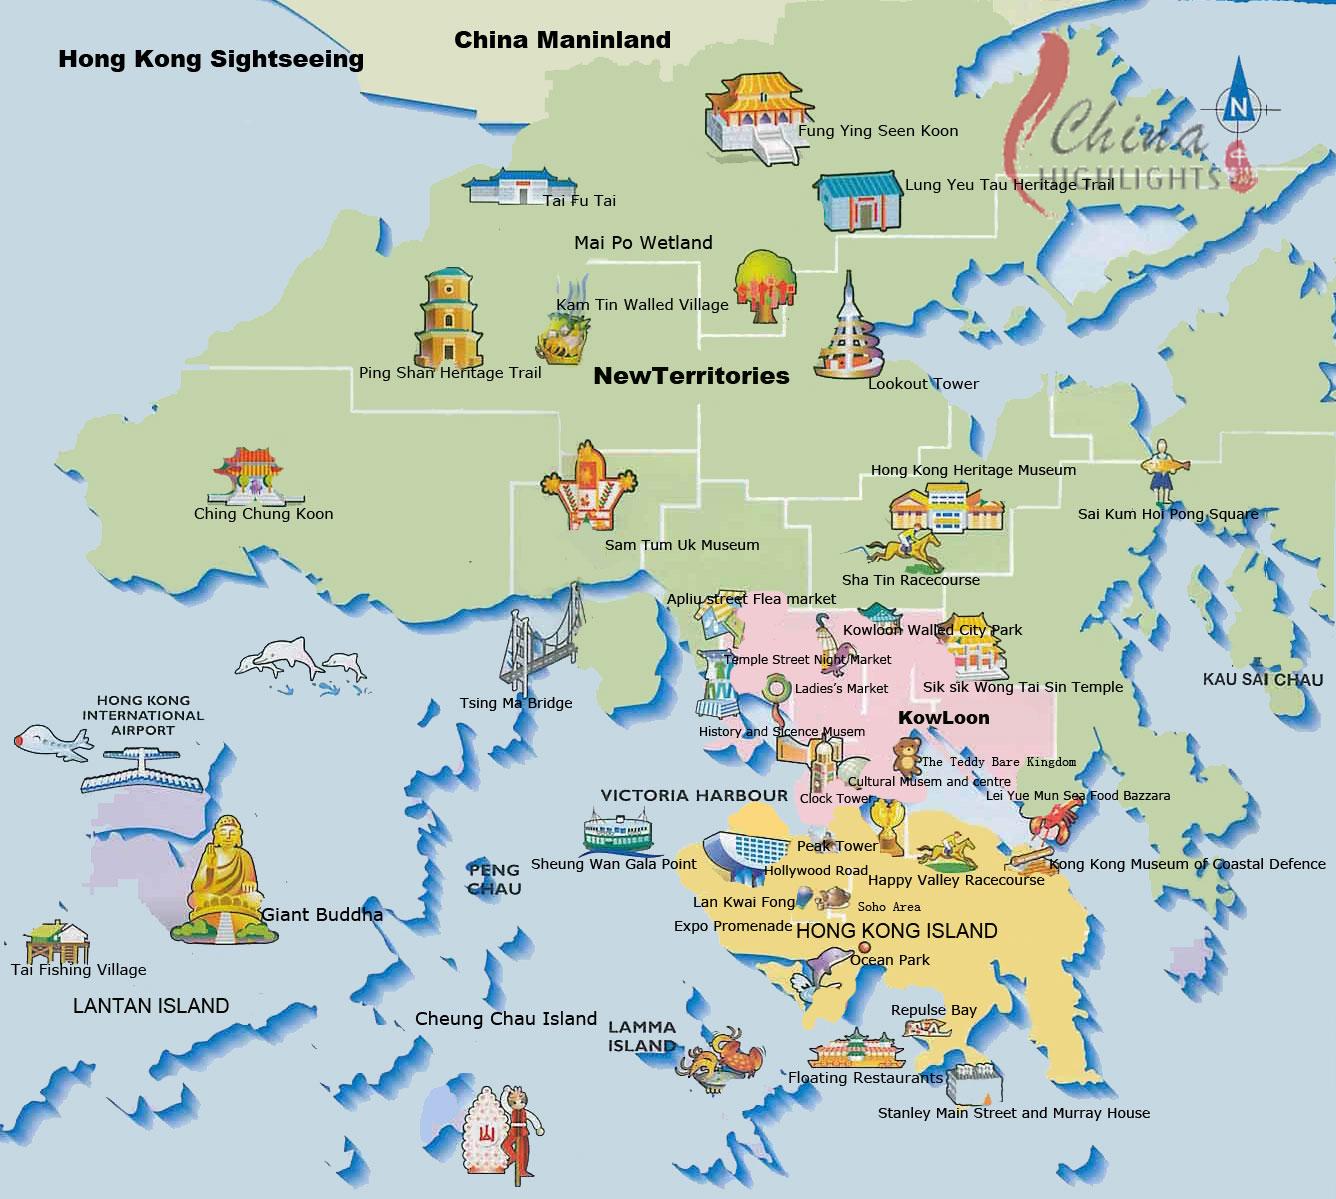 Hong Kong ... so not China | Carol's World Kwai Fong Hong Kong China World Map on world map hanoi vietnam, world map brazil, world map germany, map of china, world map japan, international airport china, train hard sleeper china, world map malaysia, world map guangzhou china, world map central china, world map with countries, world map china manchuria, world map asia, world map nigeria, world map cayman islands, hong kong shenzhen map china, world map spain, world map korea, world map nanjing china, world map harbin china,